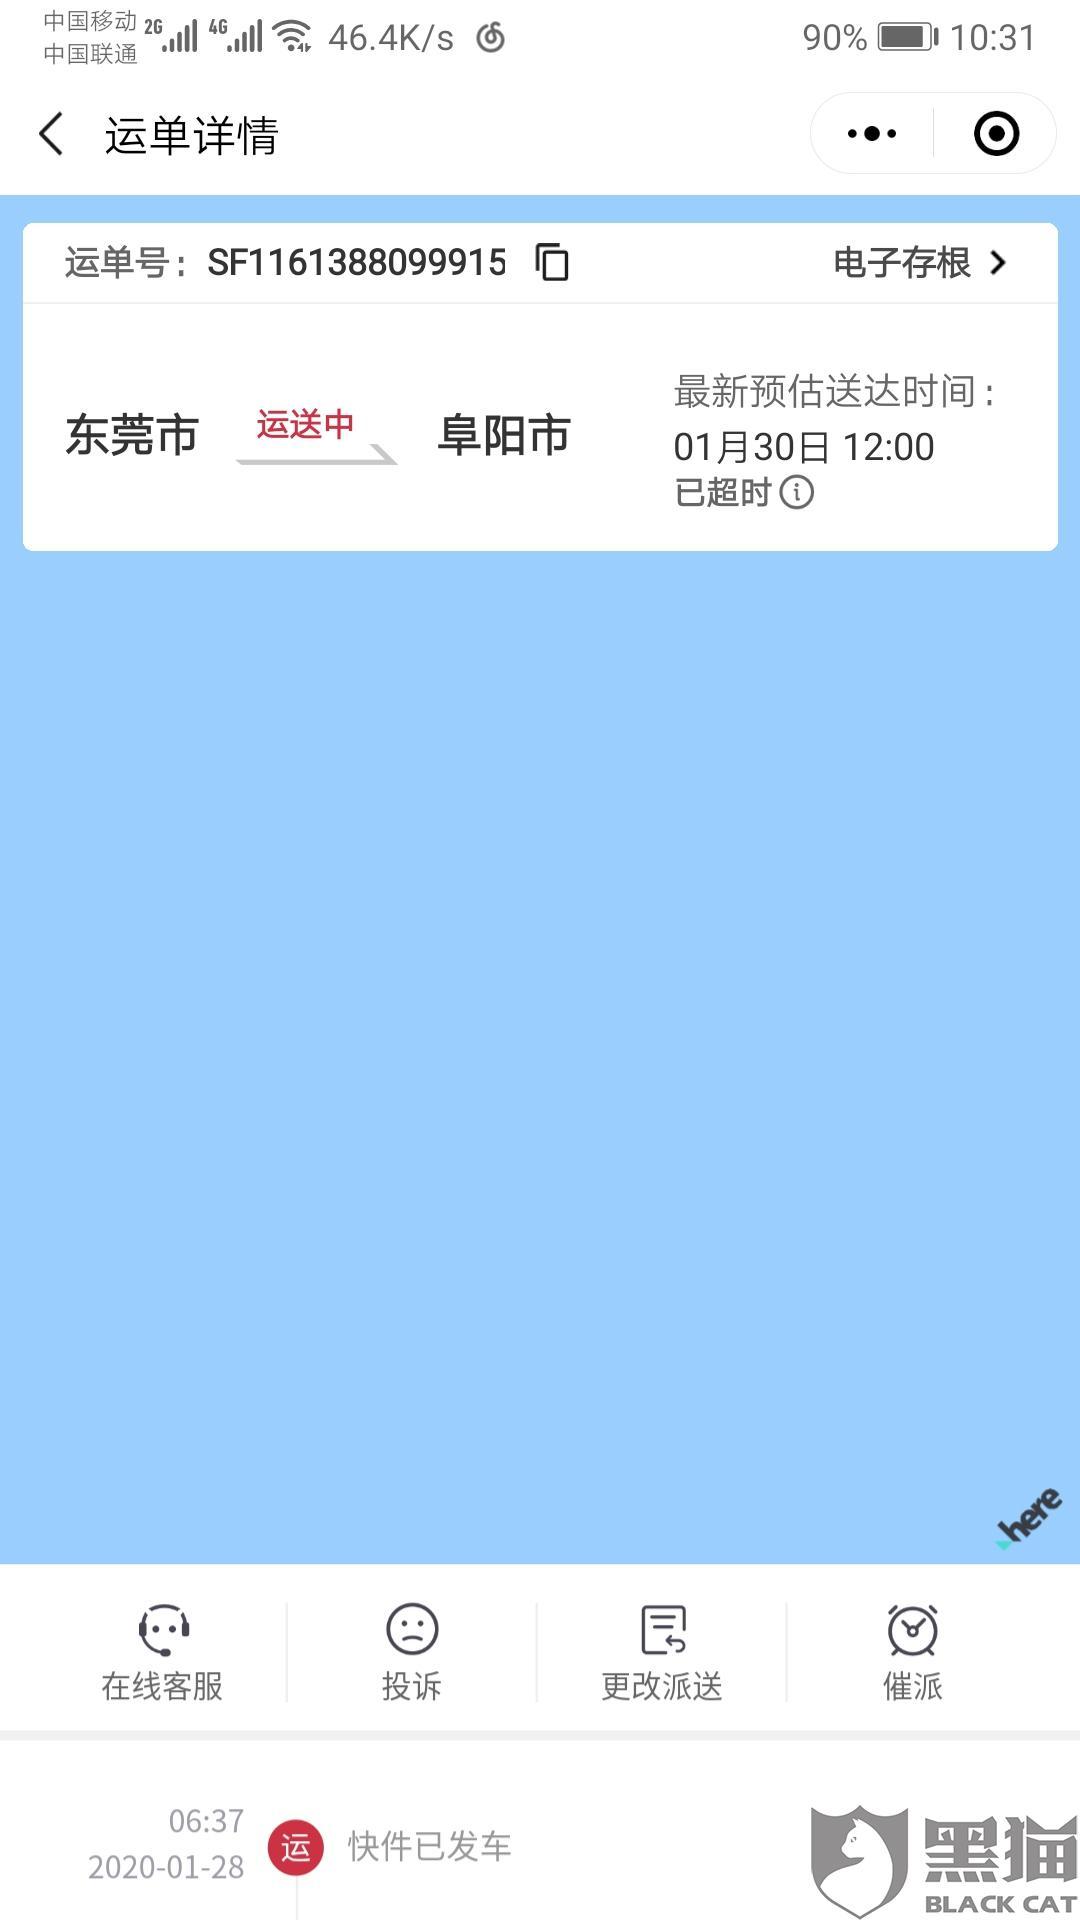 黑猫投诉:这就是中国第一的顺丰快递?